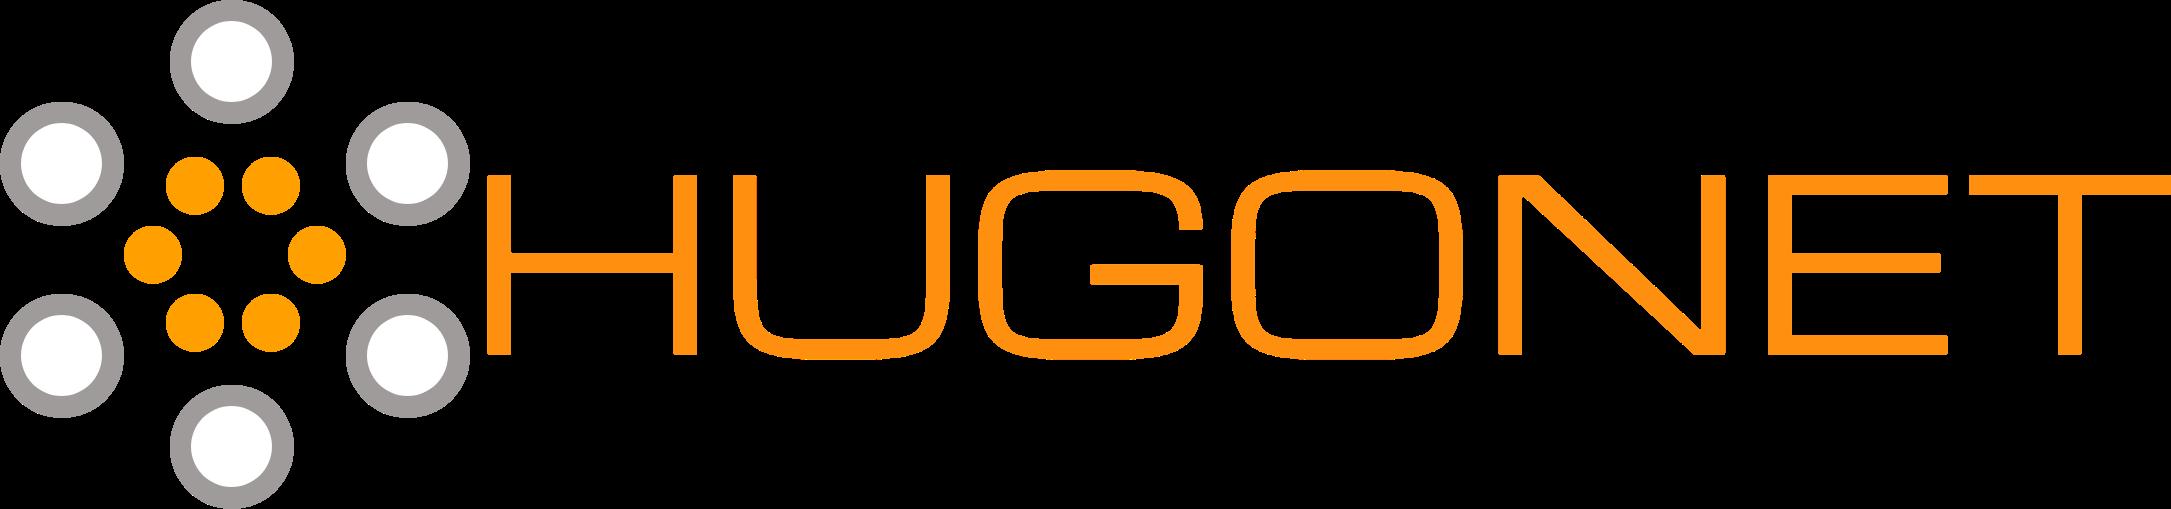 HUGONET